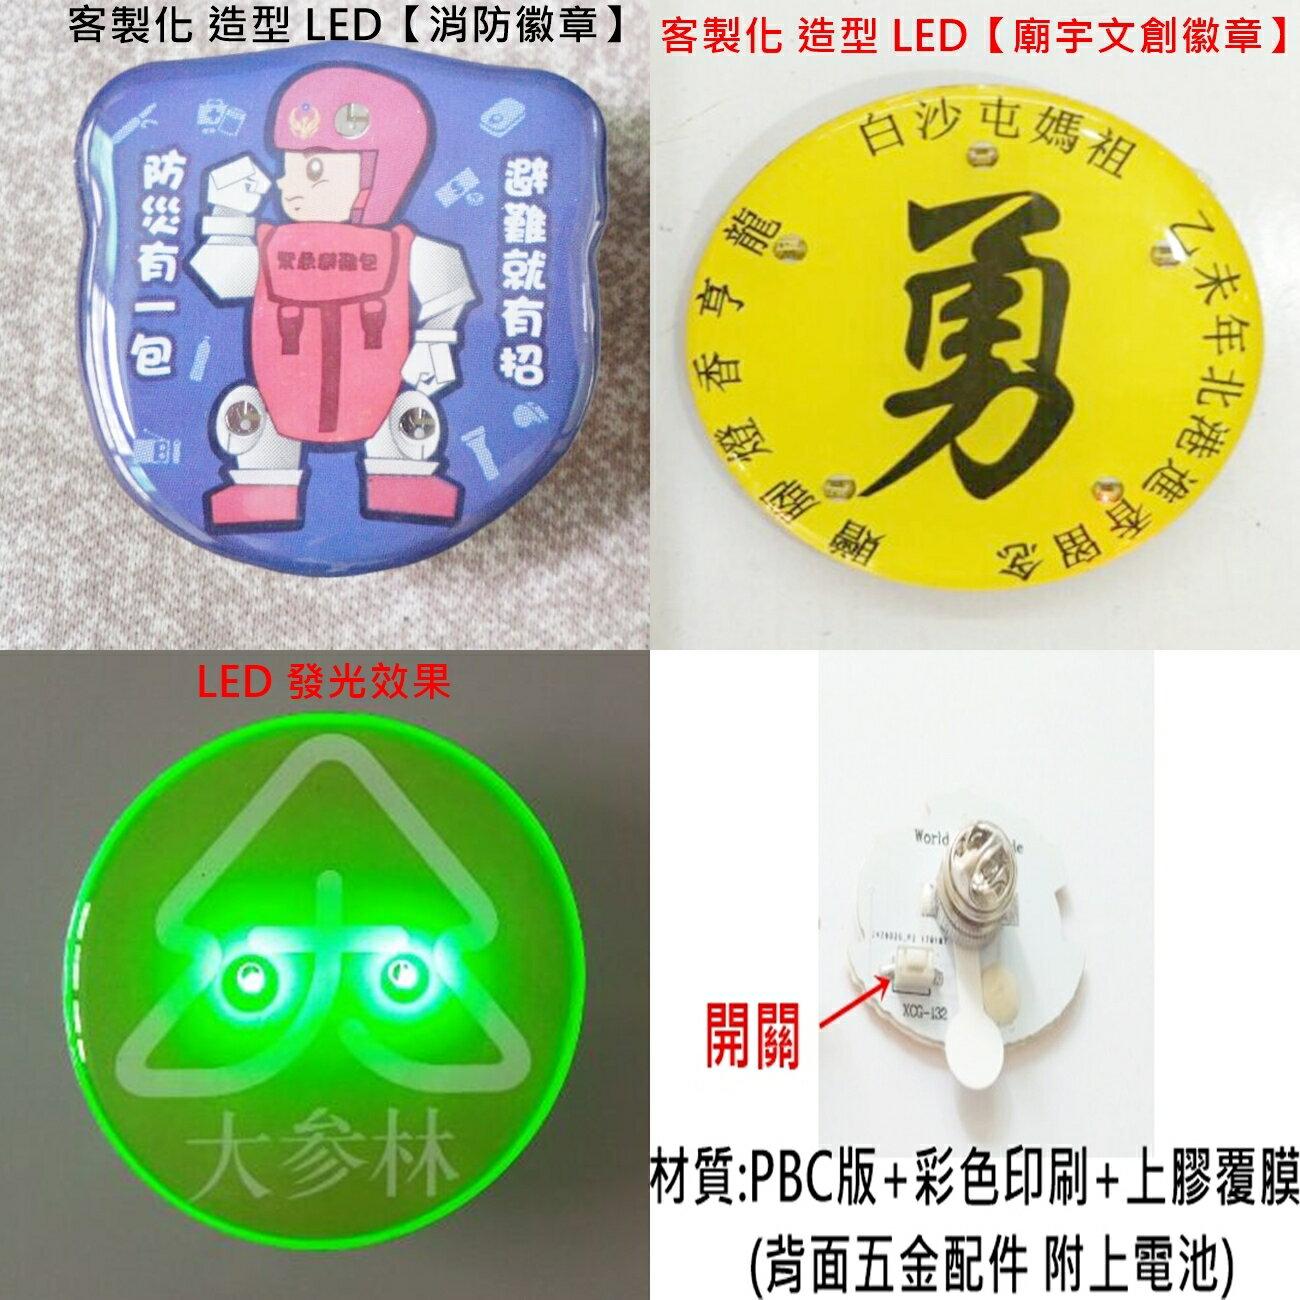 LED 徽章 文創徽章 發光胸章 胸章 LED胸章 文創商品 LED徽章 發光胸章【塔克】